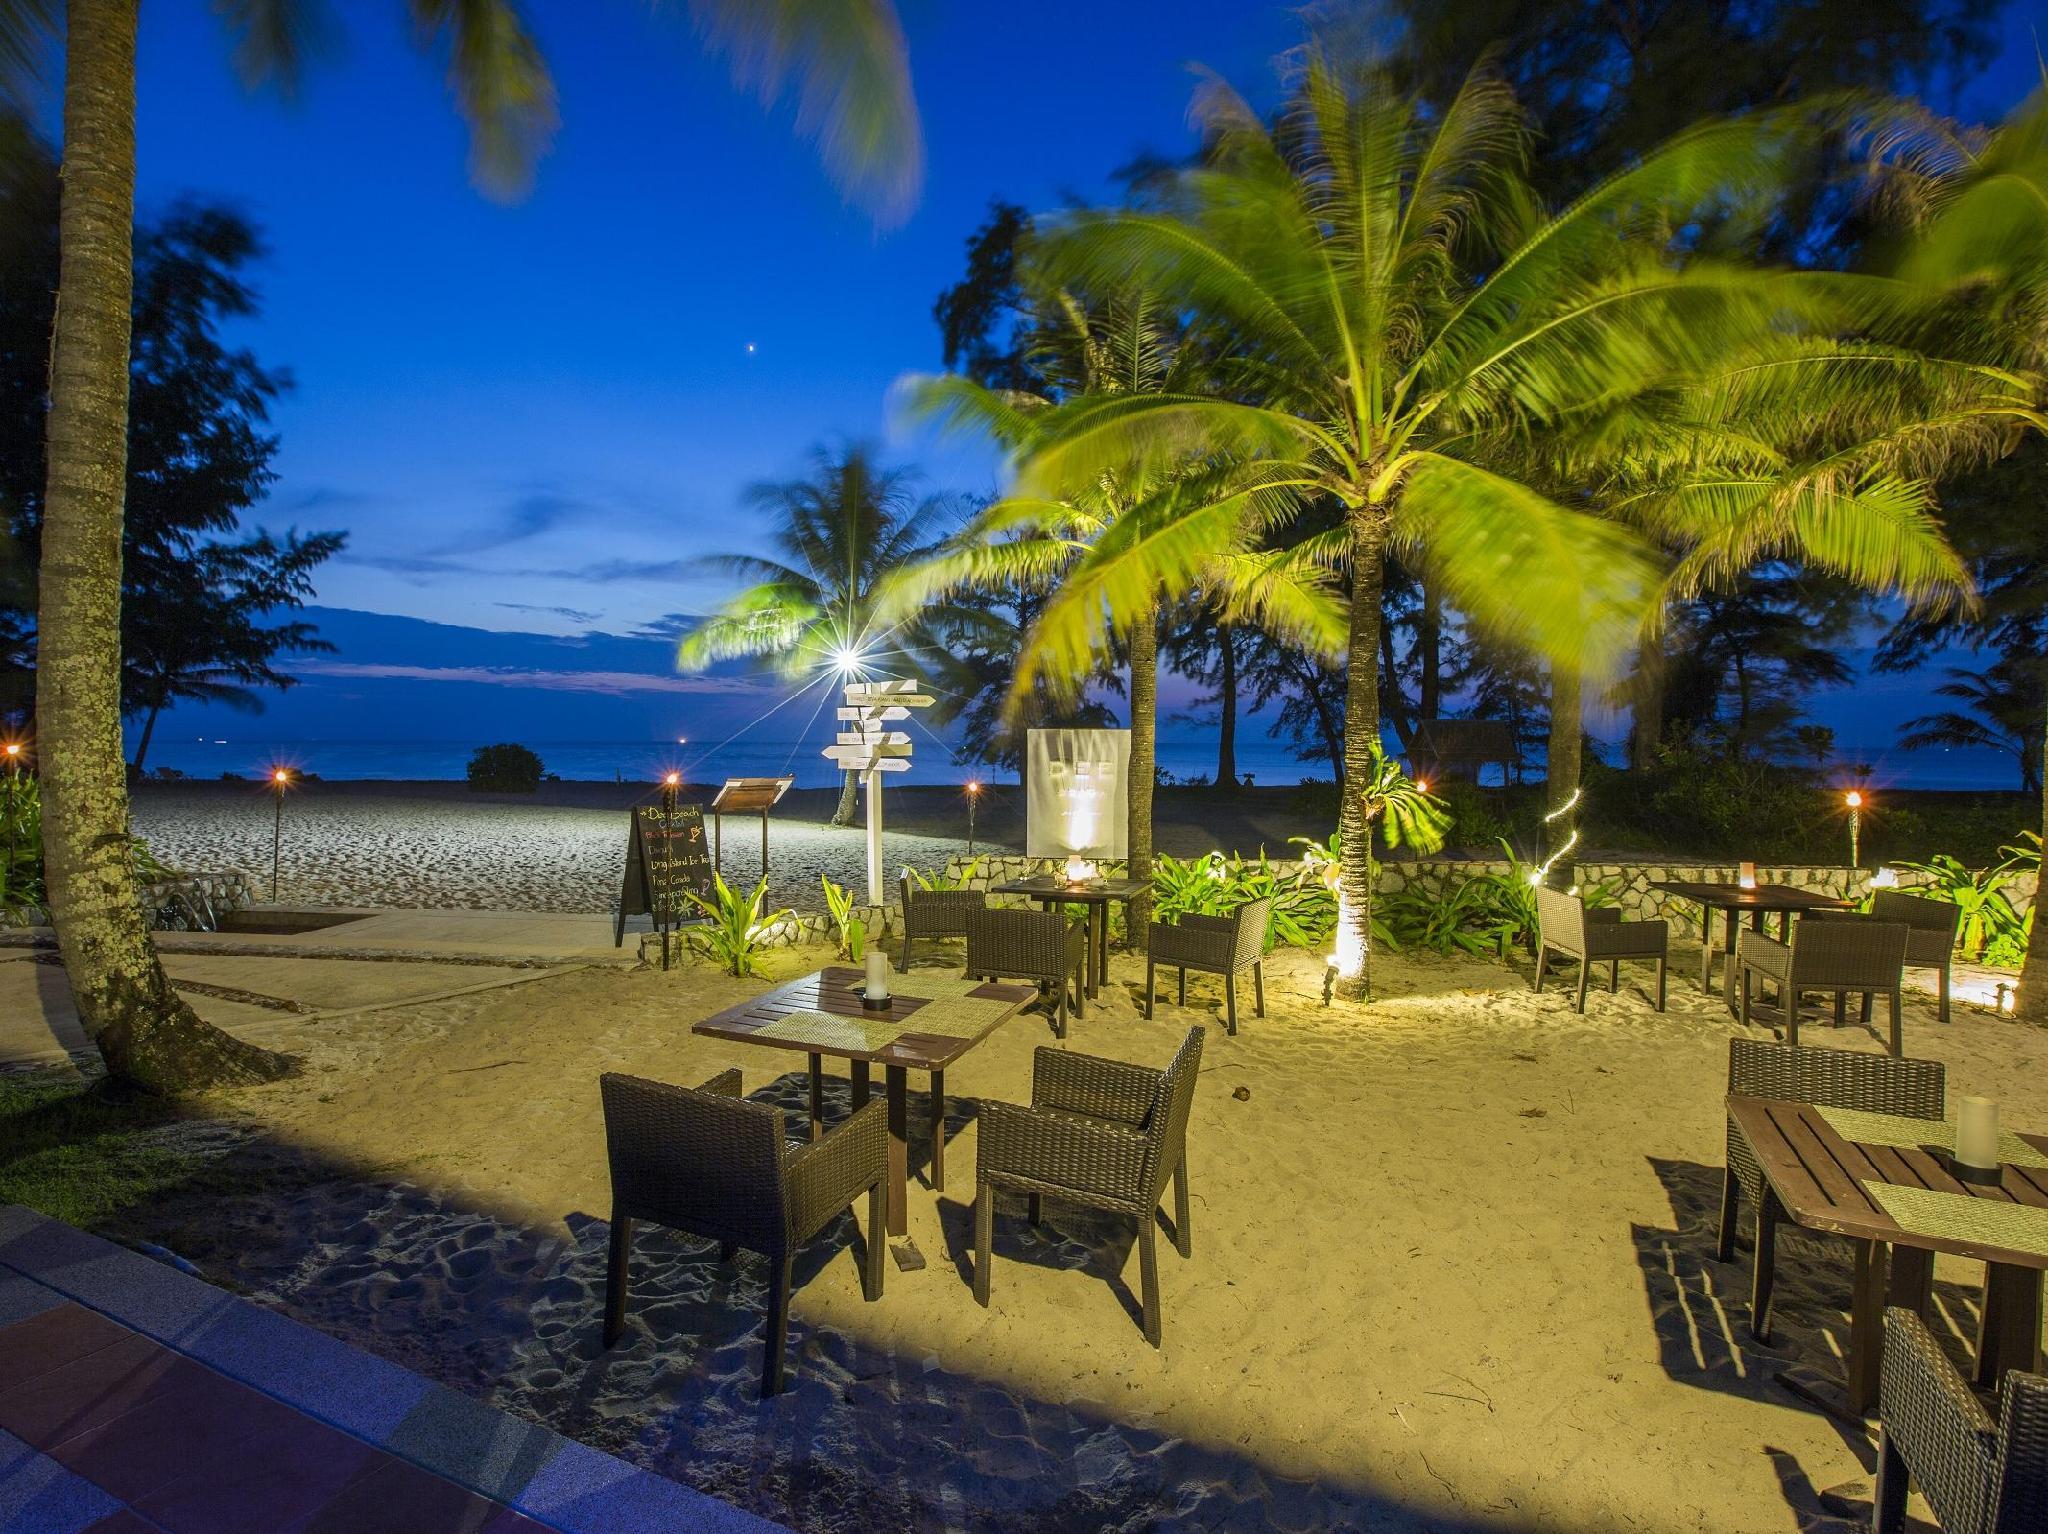 Hotel Murah di Mai Khao Phuket - D Varee Mai Khao Beach Phuket Resort